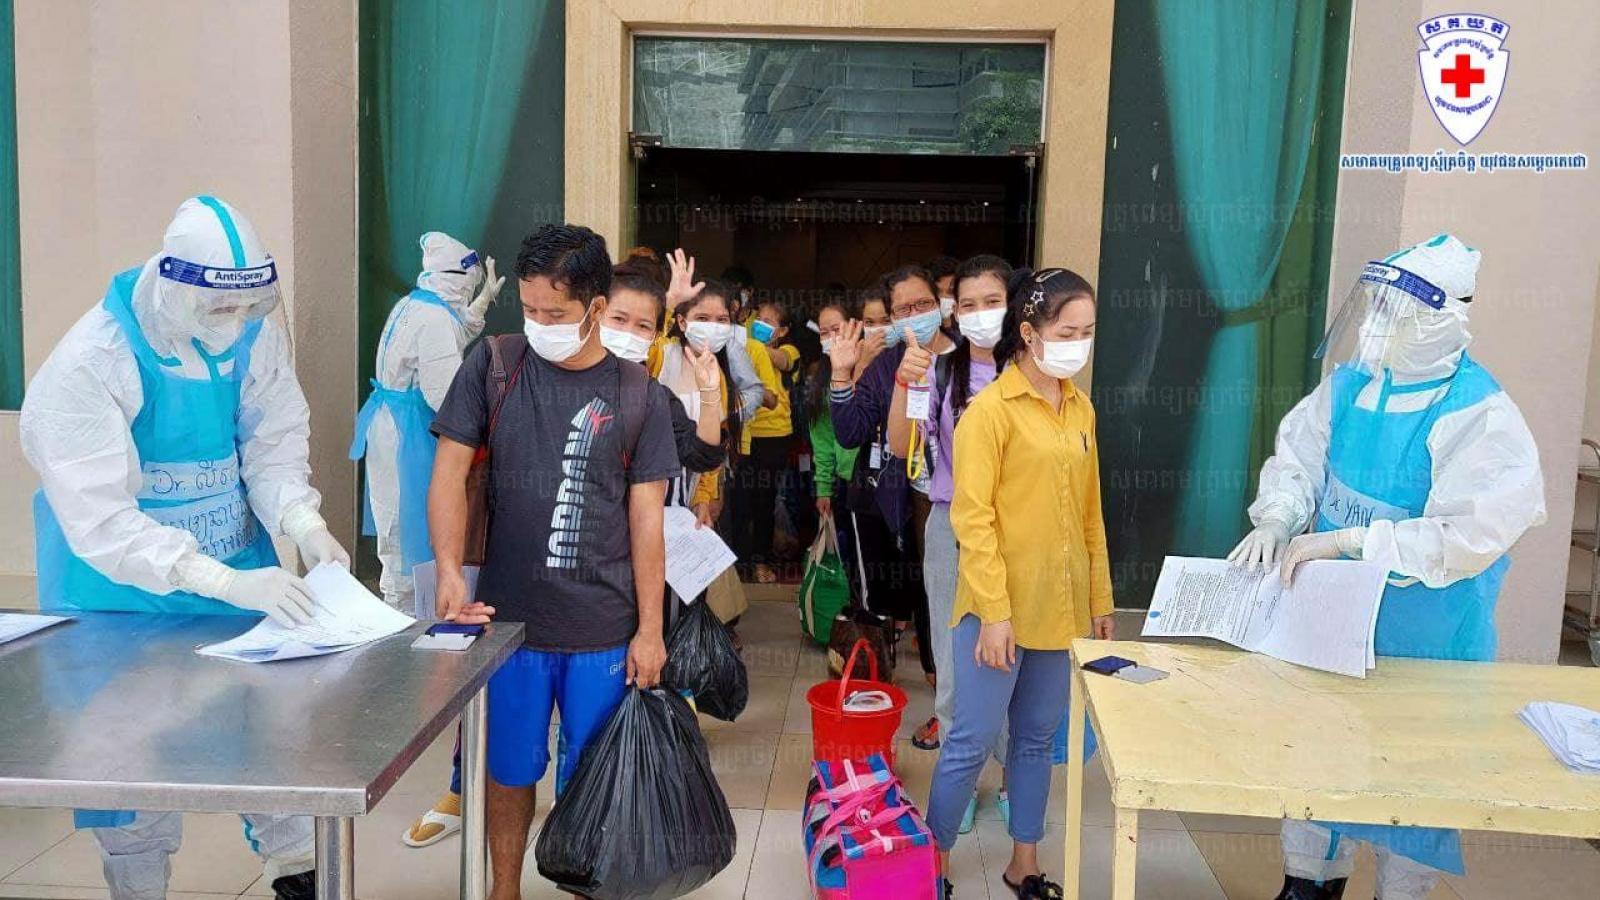 Campuchia tiếp tục ghi nhận thêm 6 ca tử vong và 446 ca mắc Covid-19